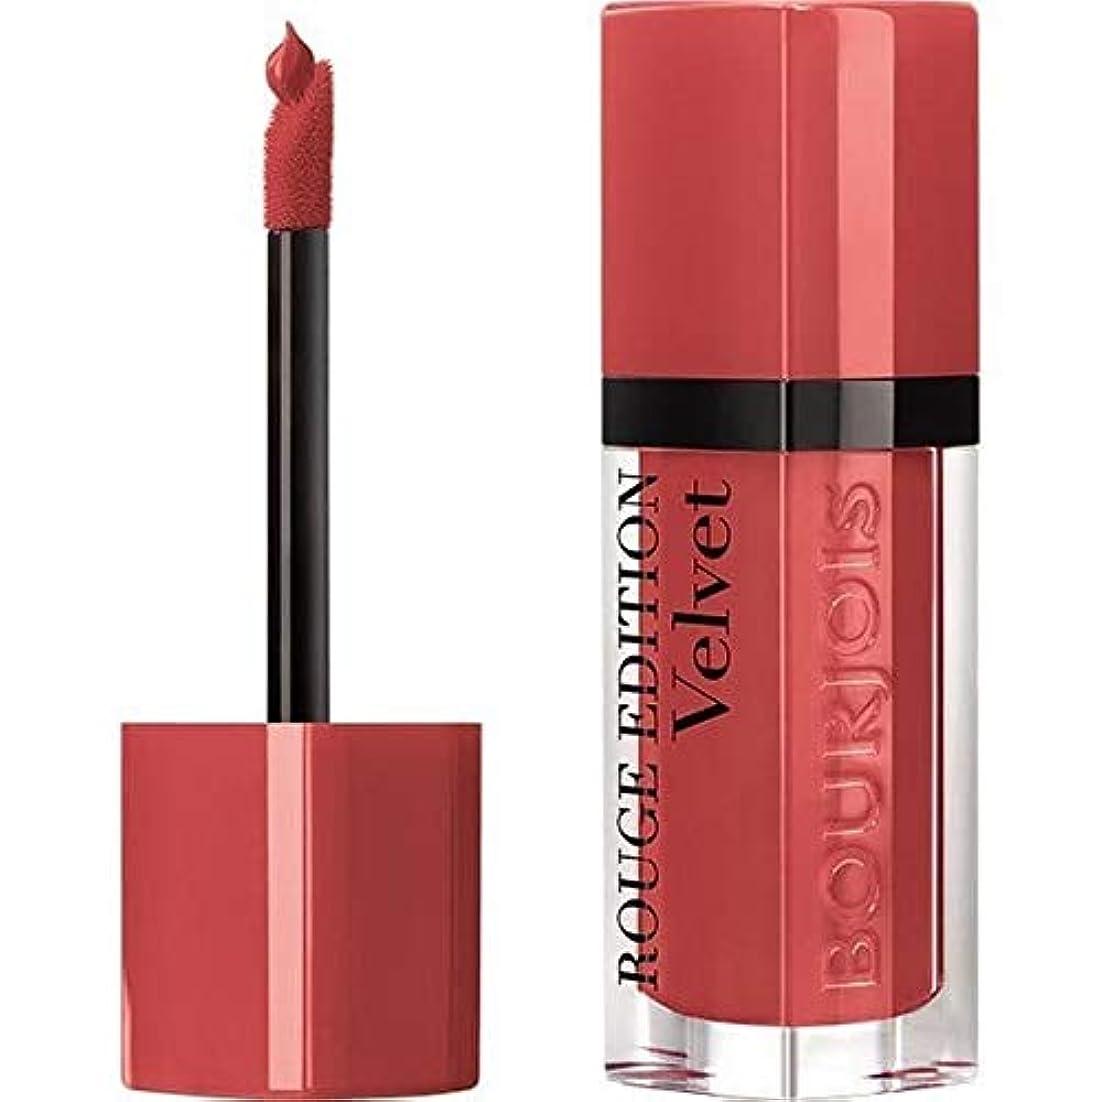 準備漁師平行[Bourjois ] ブルジョワルージュ版ベルベットの口紅の桃クラブ4 - Bourjois Rouge Edition Velvet lipstick Peach Club 4 [並行輸入品]